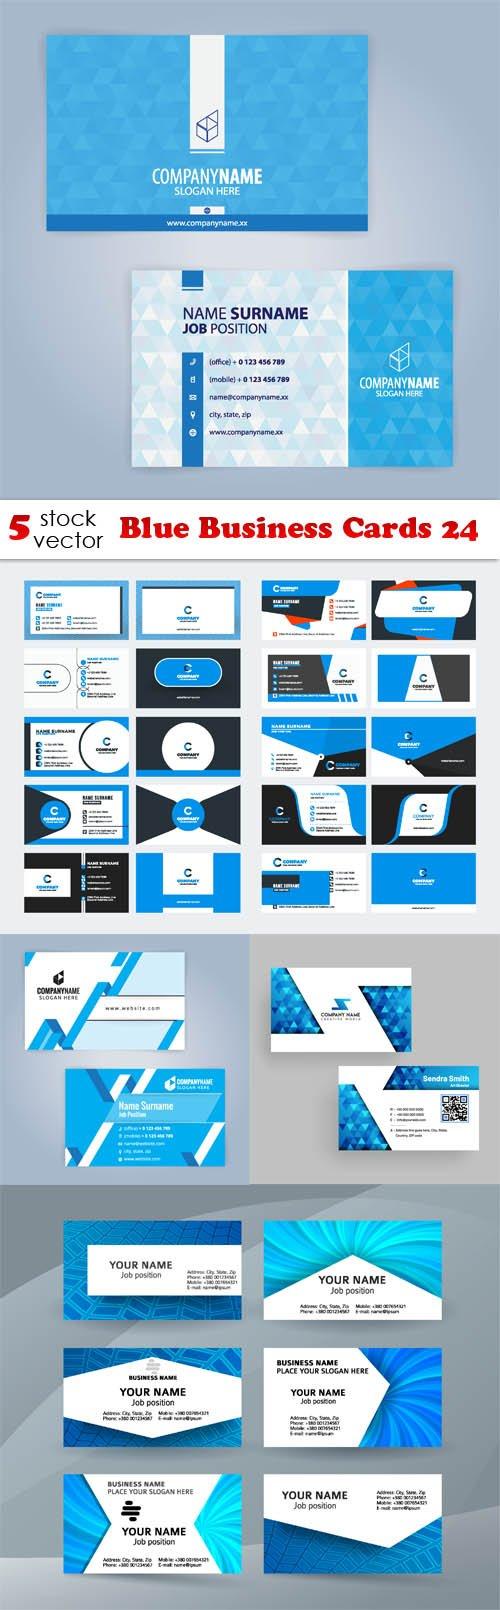 Vectors - Blue Business Cards 24